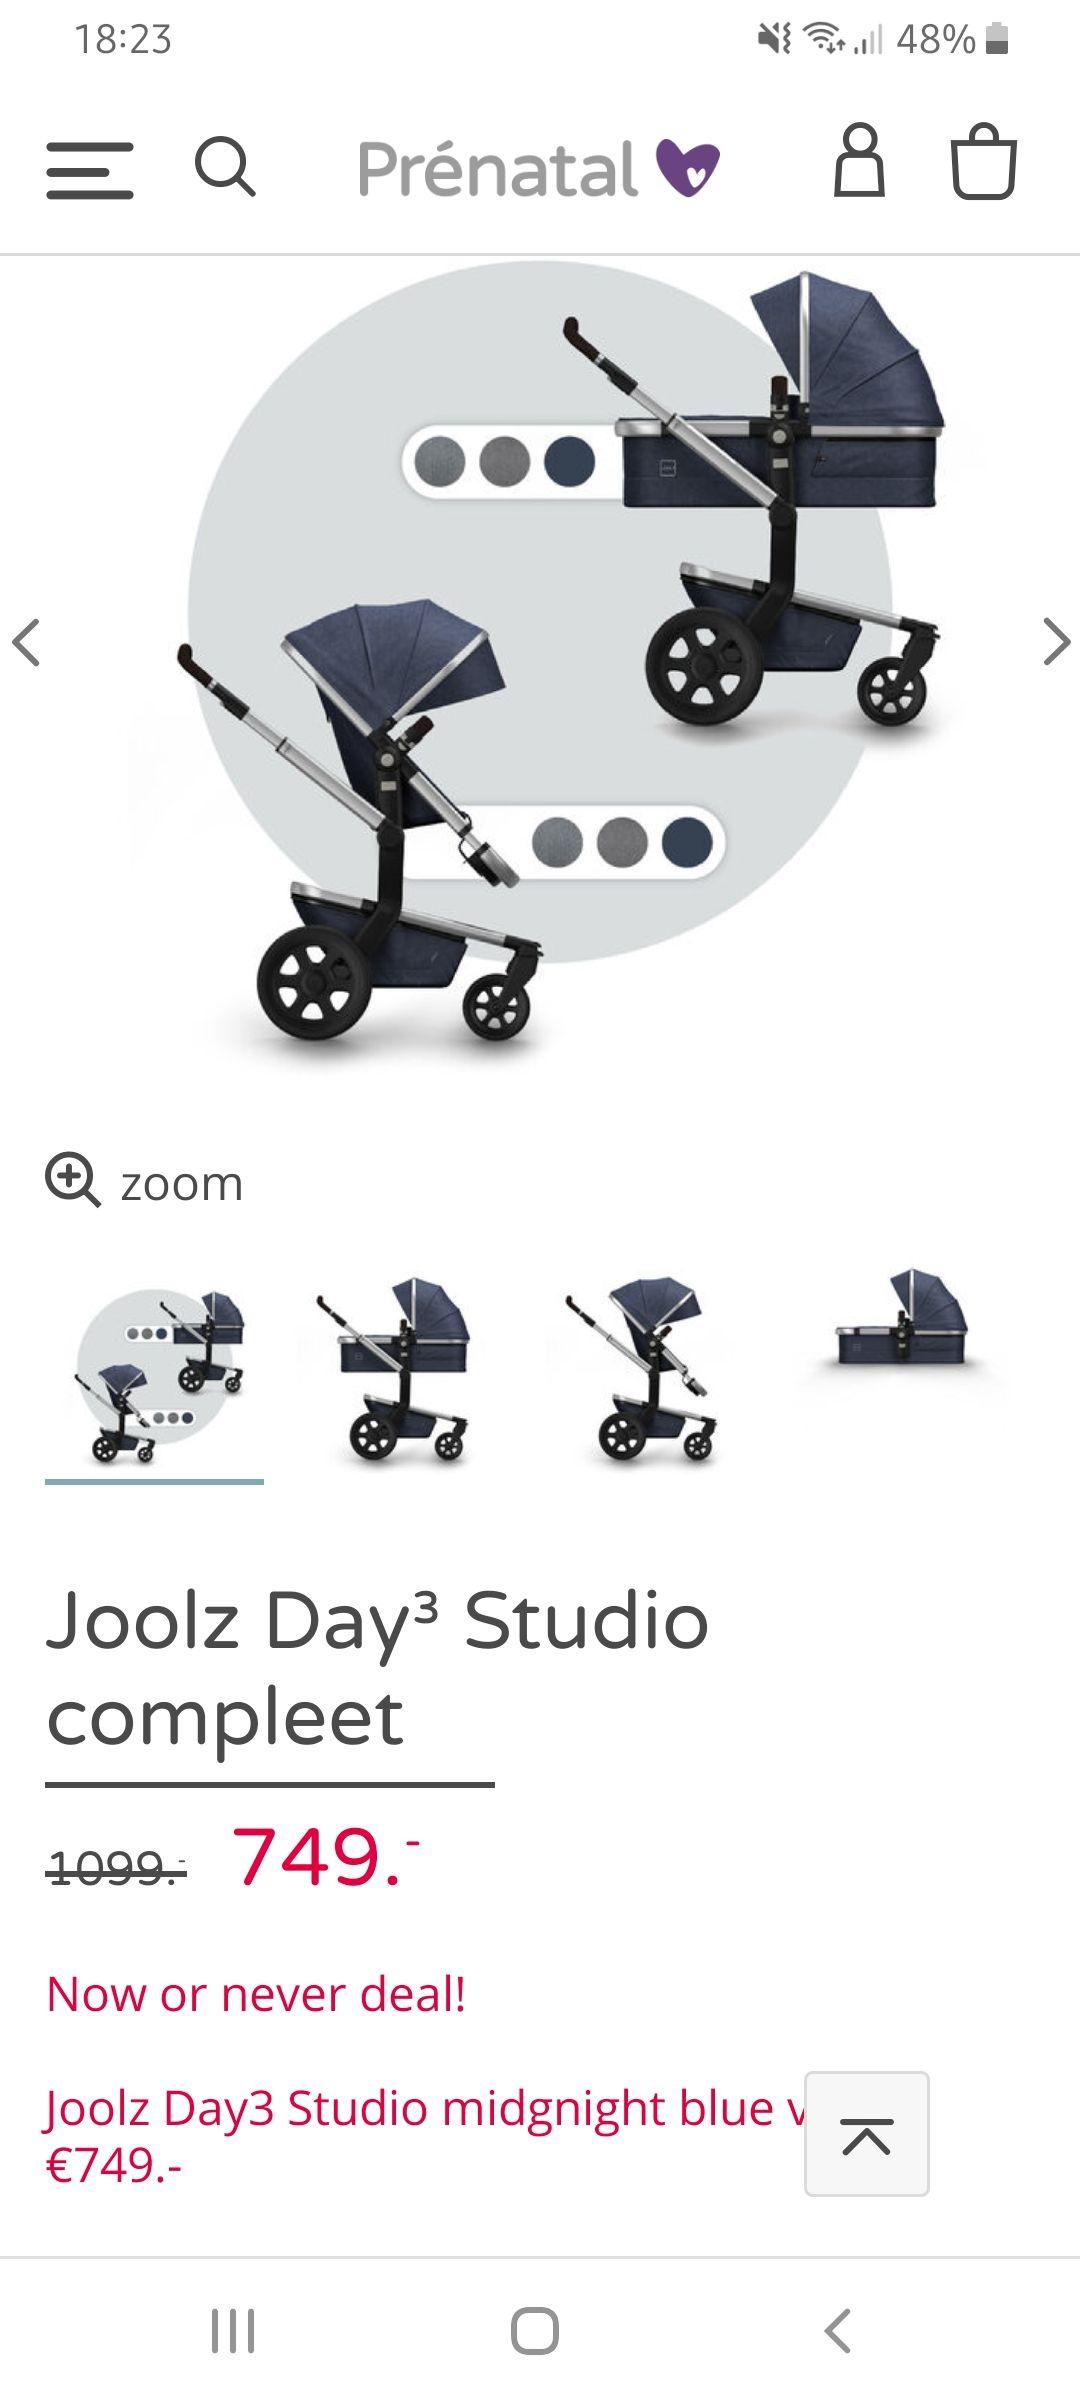 Joolz day3 studio bij prenatal